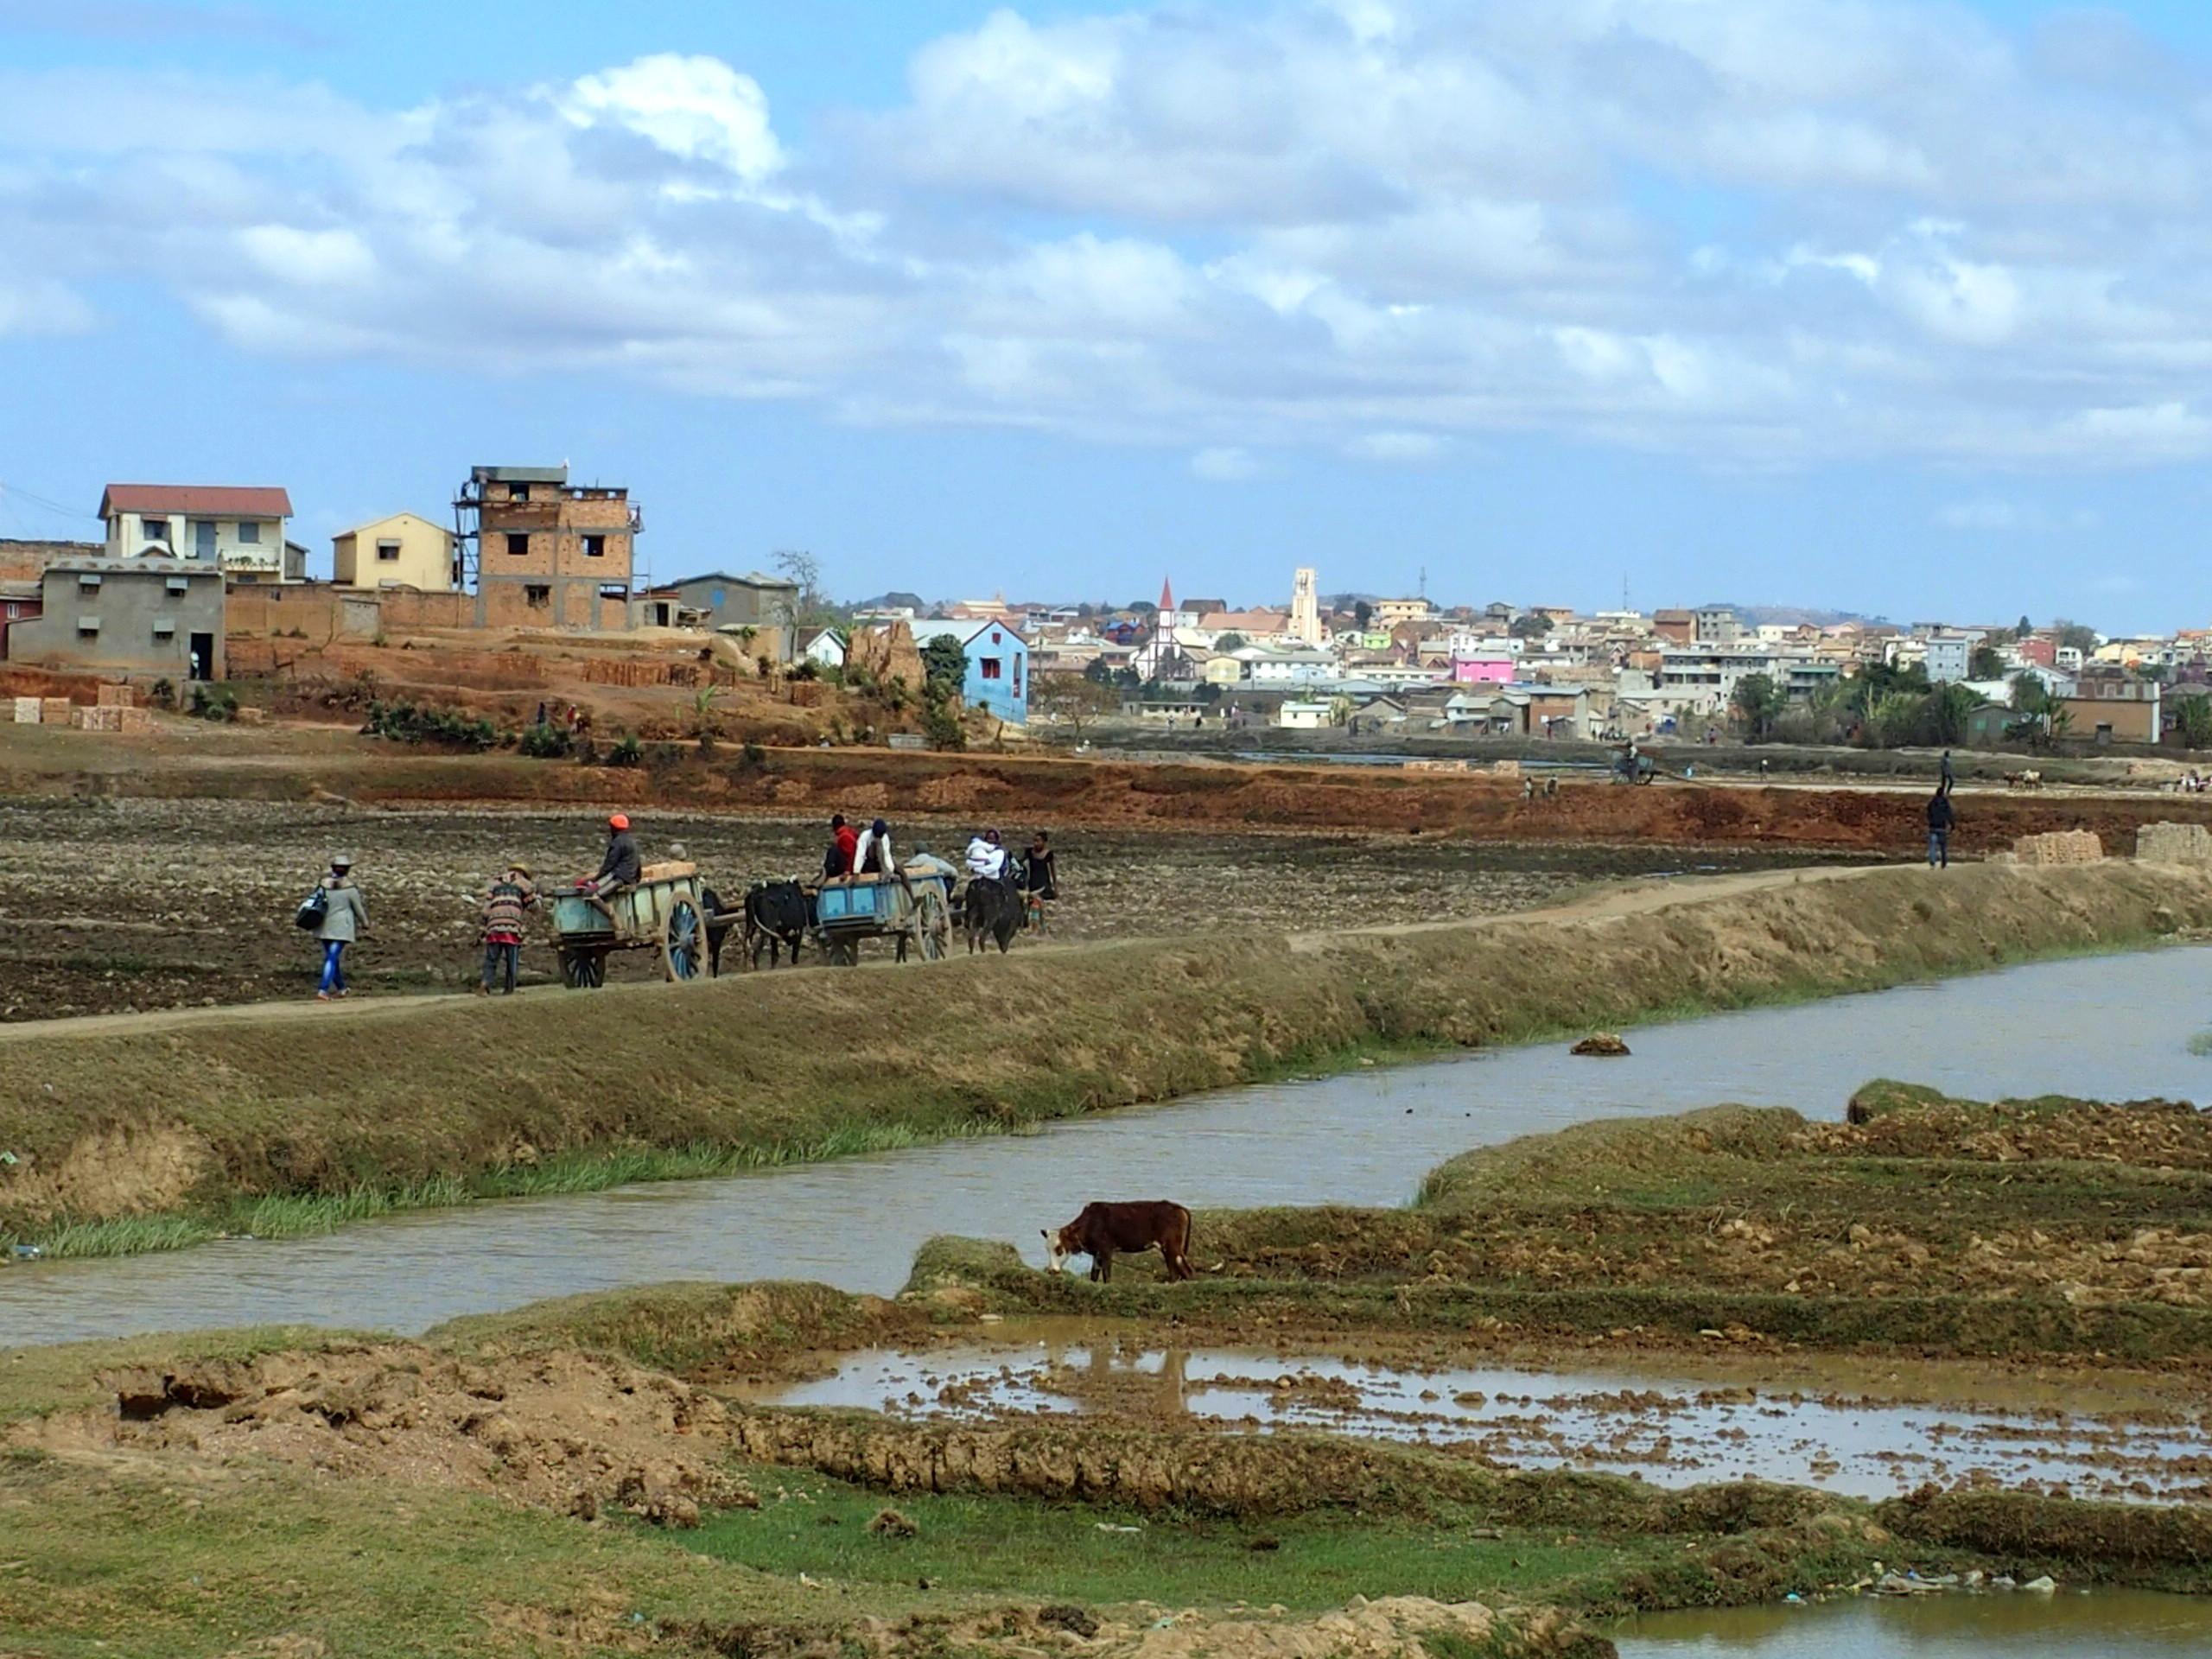 Sur la route à la sortie de Tananarive Madagascar